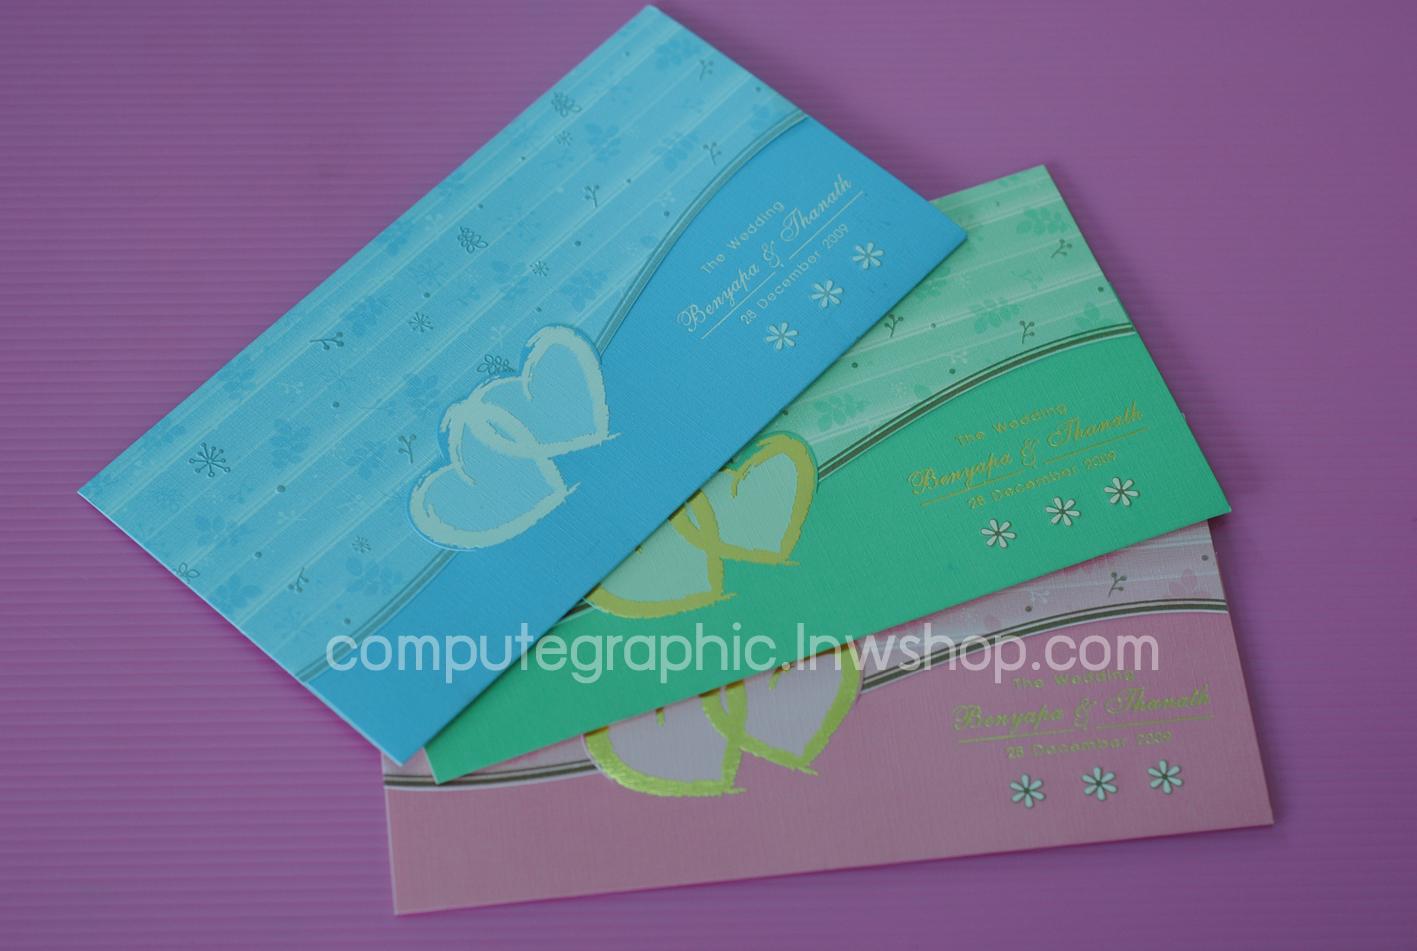 CG073 การ์ดแต่งงานแนวนอน (มี 3 สี ชมพู, ฟ้า, เขียว)